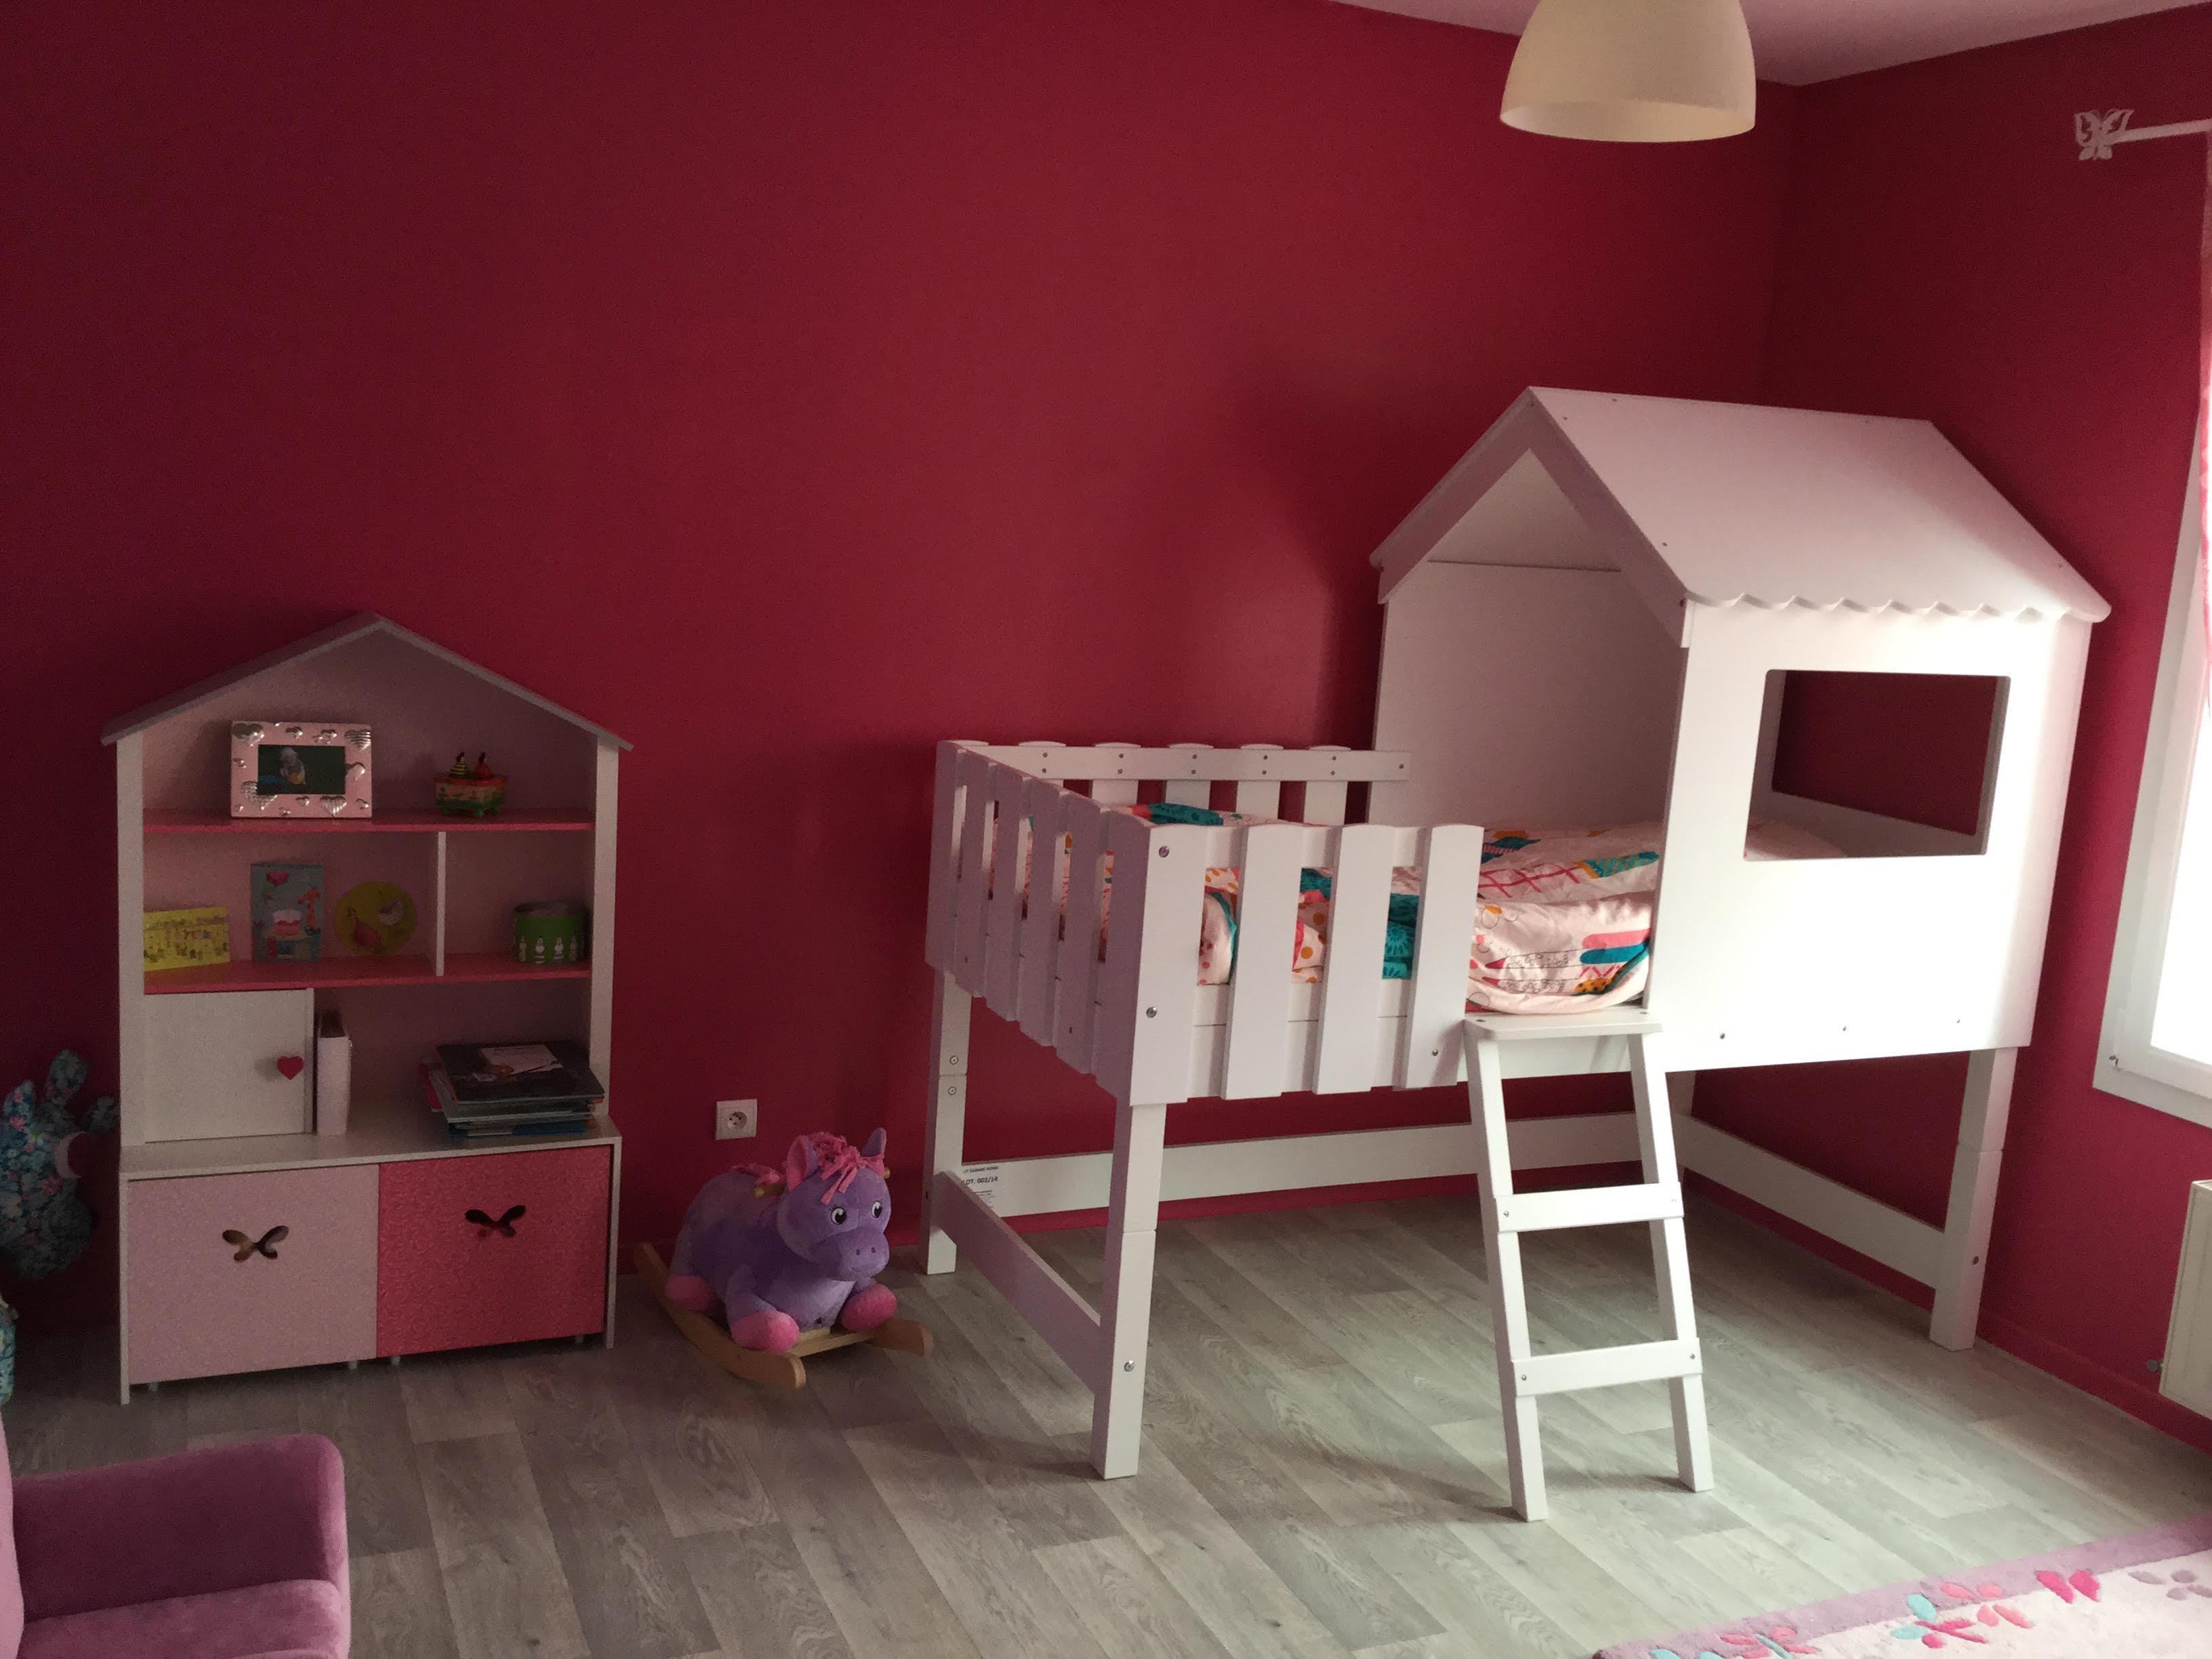 lit cabane pour fille. Black Bedroom Furniture Sets. Home Design Ideas